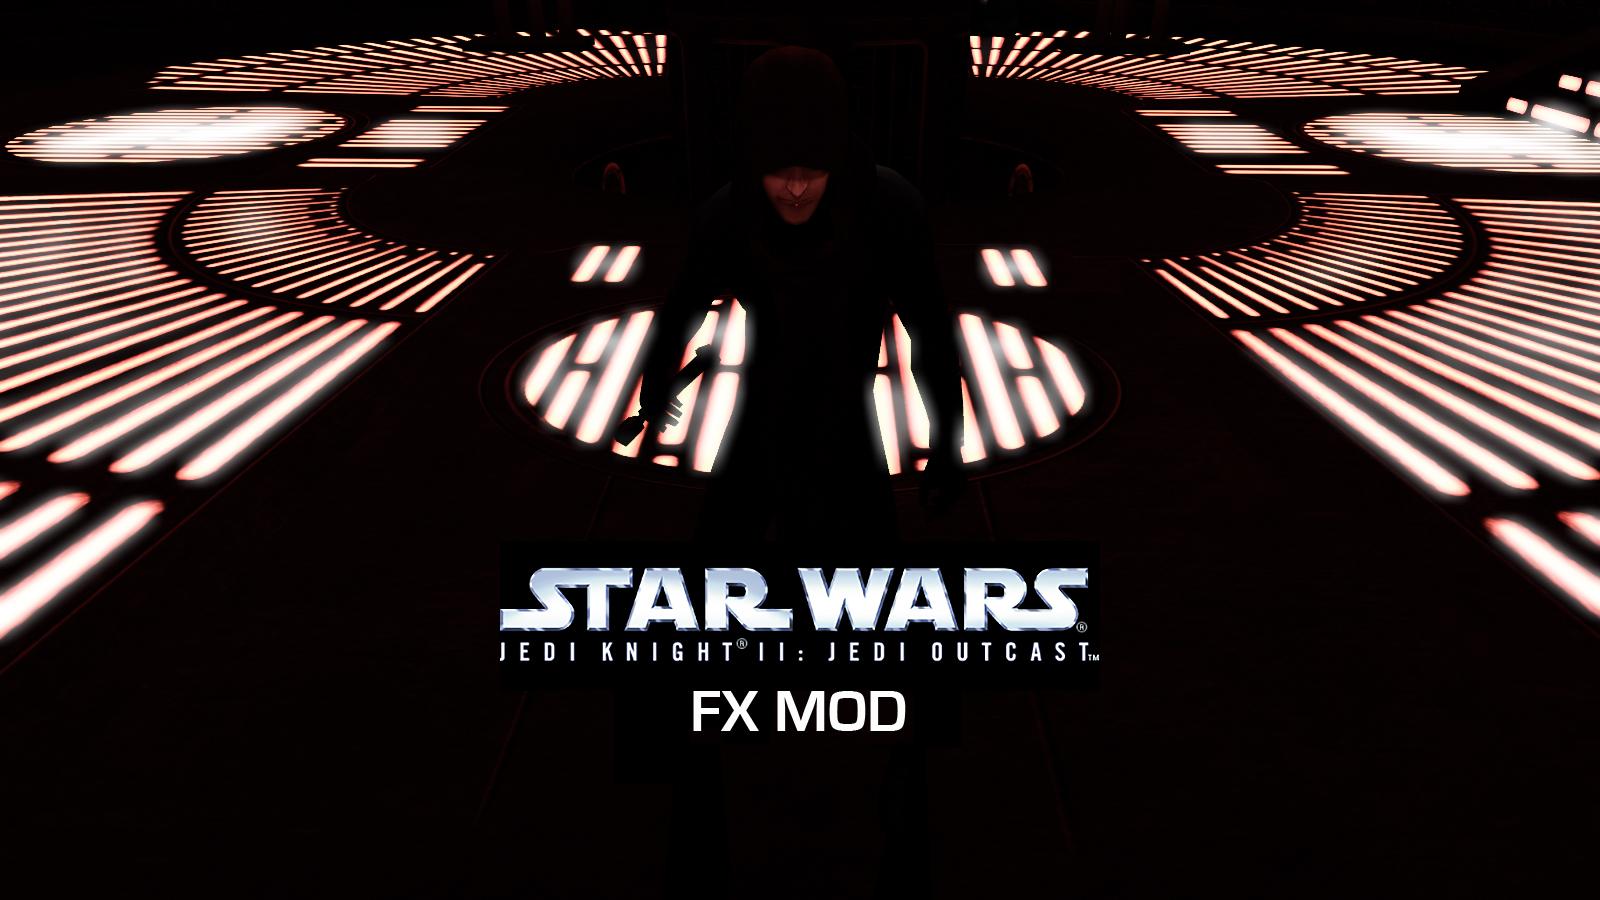 WIP: Jedi Knight Plus (JK+ Mod) - The Jedi Knight 2 Community